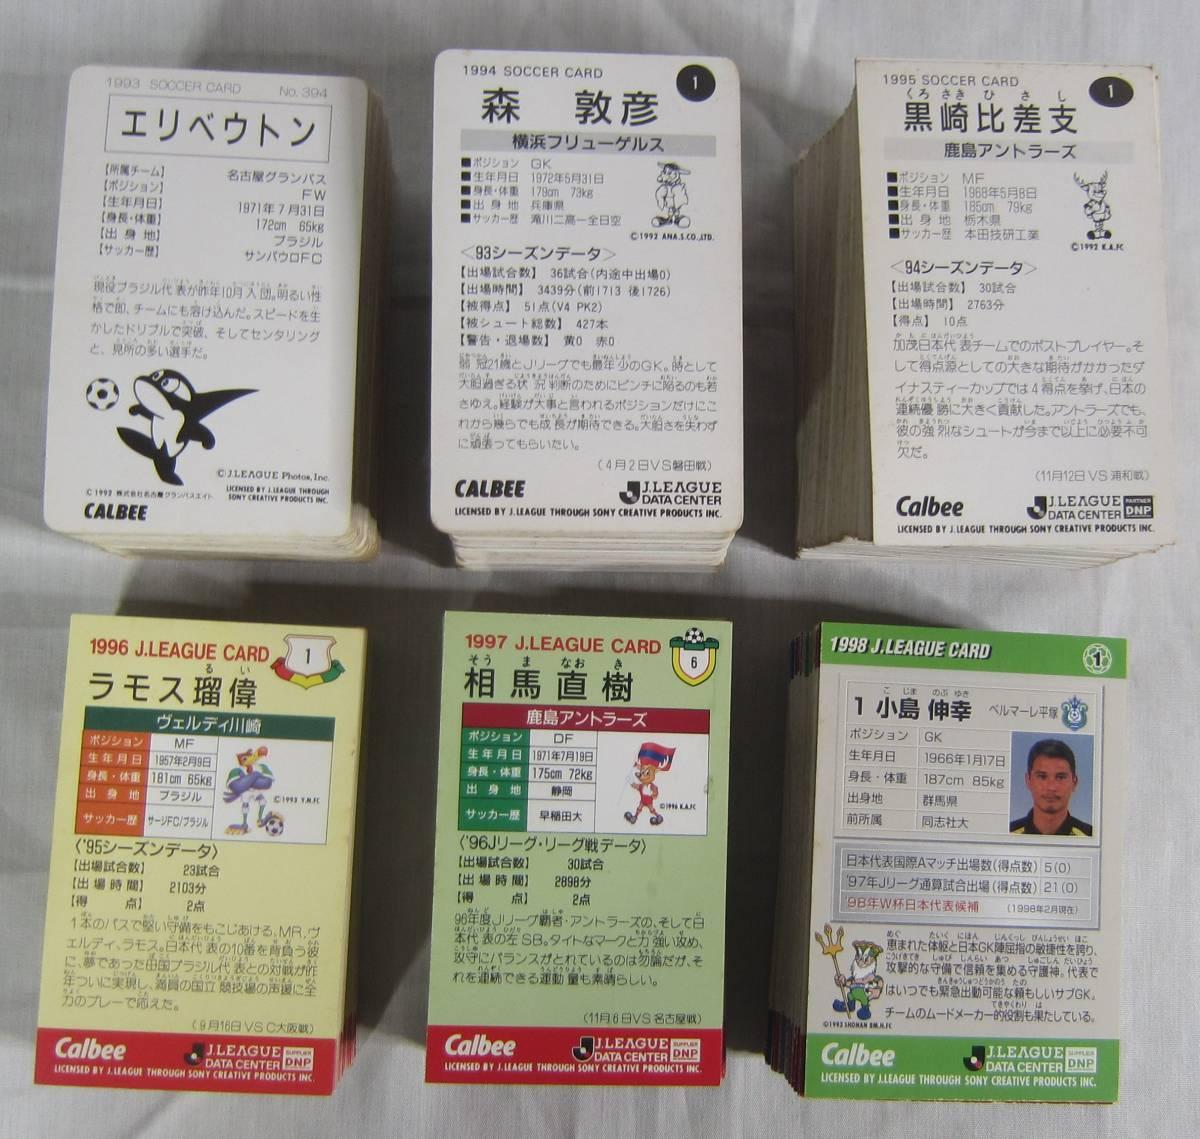 ★CALBEE カルビー Jリーグ カード 1993~1998 まとめて702枚_画像2